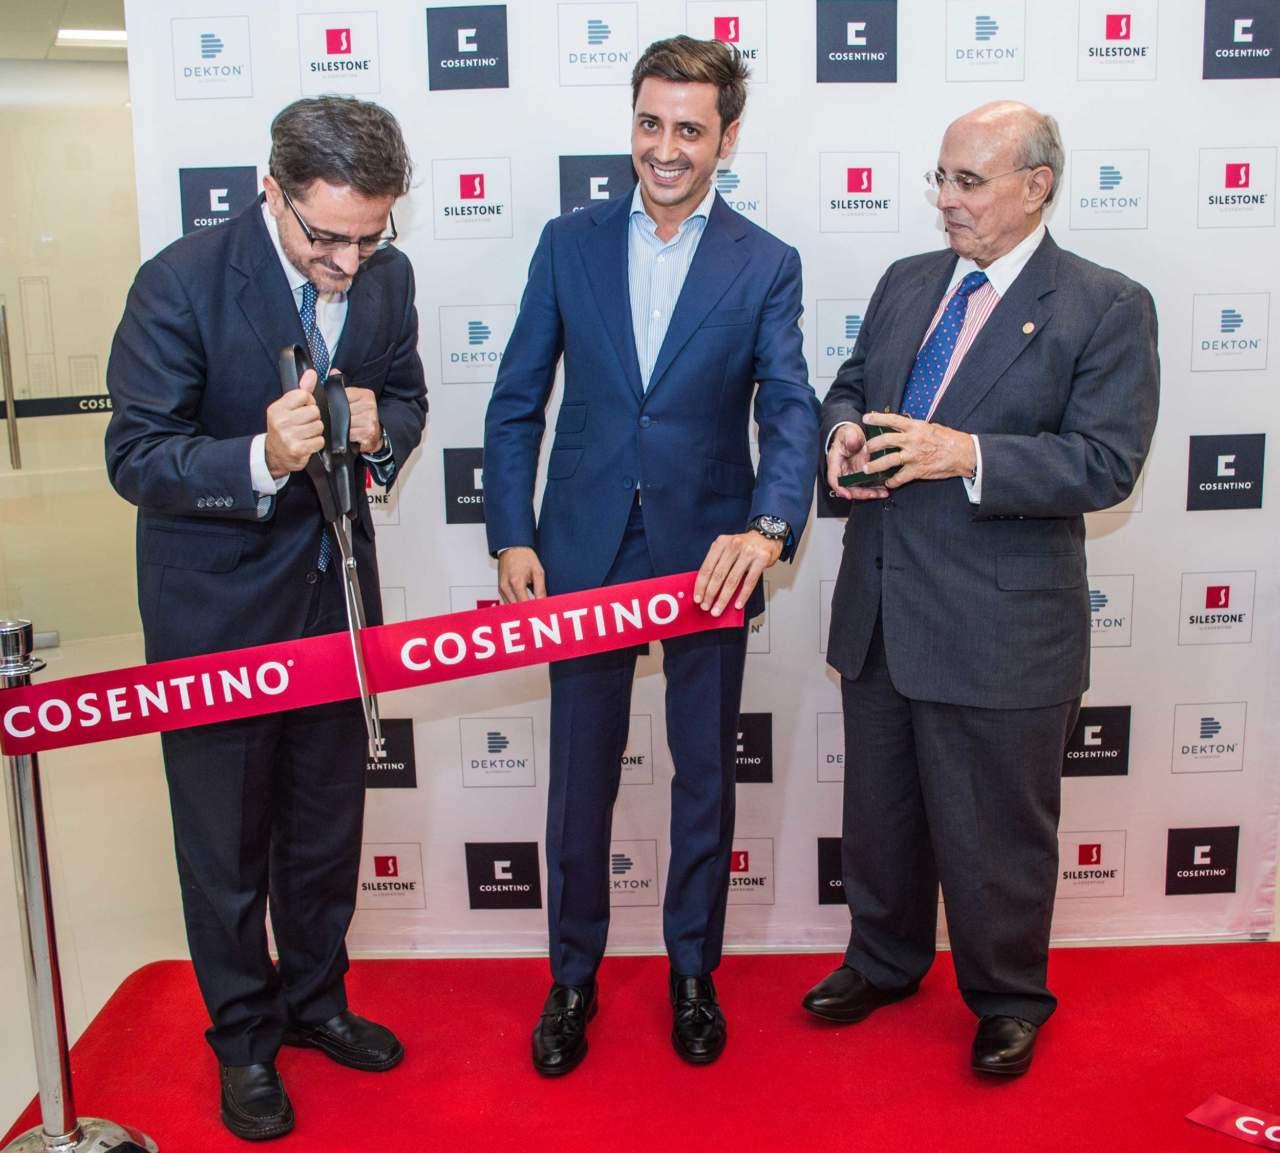 Il Gruppo Cosentino inaugura a Miami il suo Headquarter americano a Miami